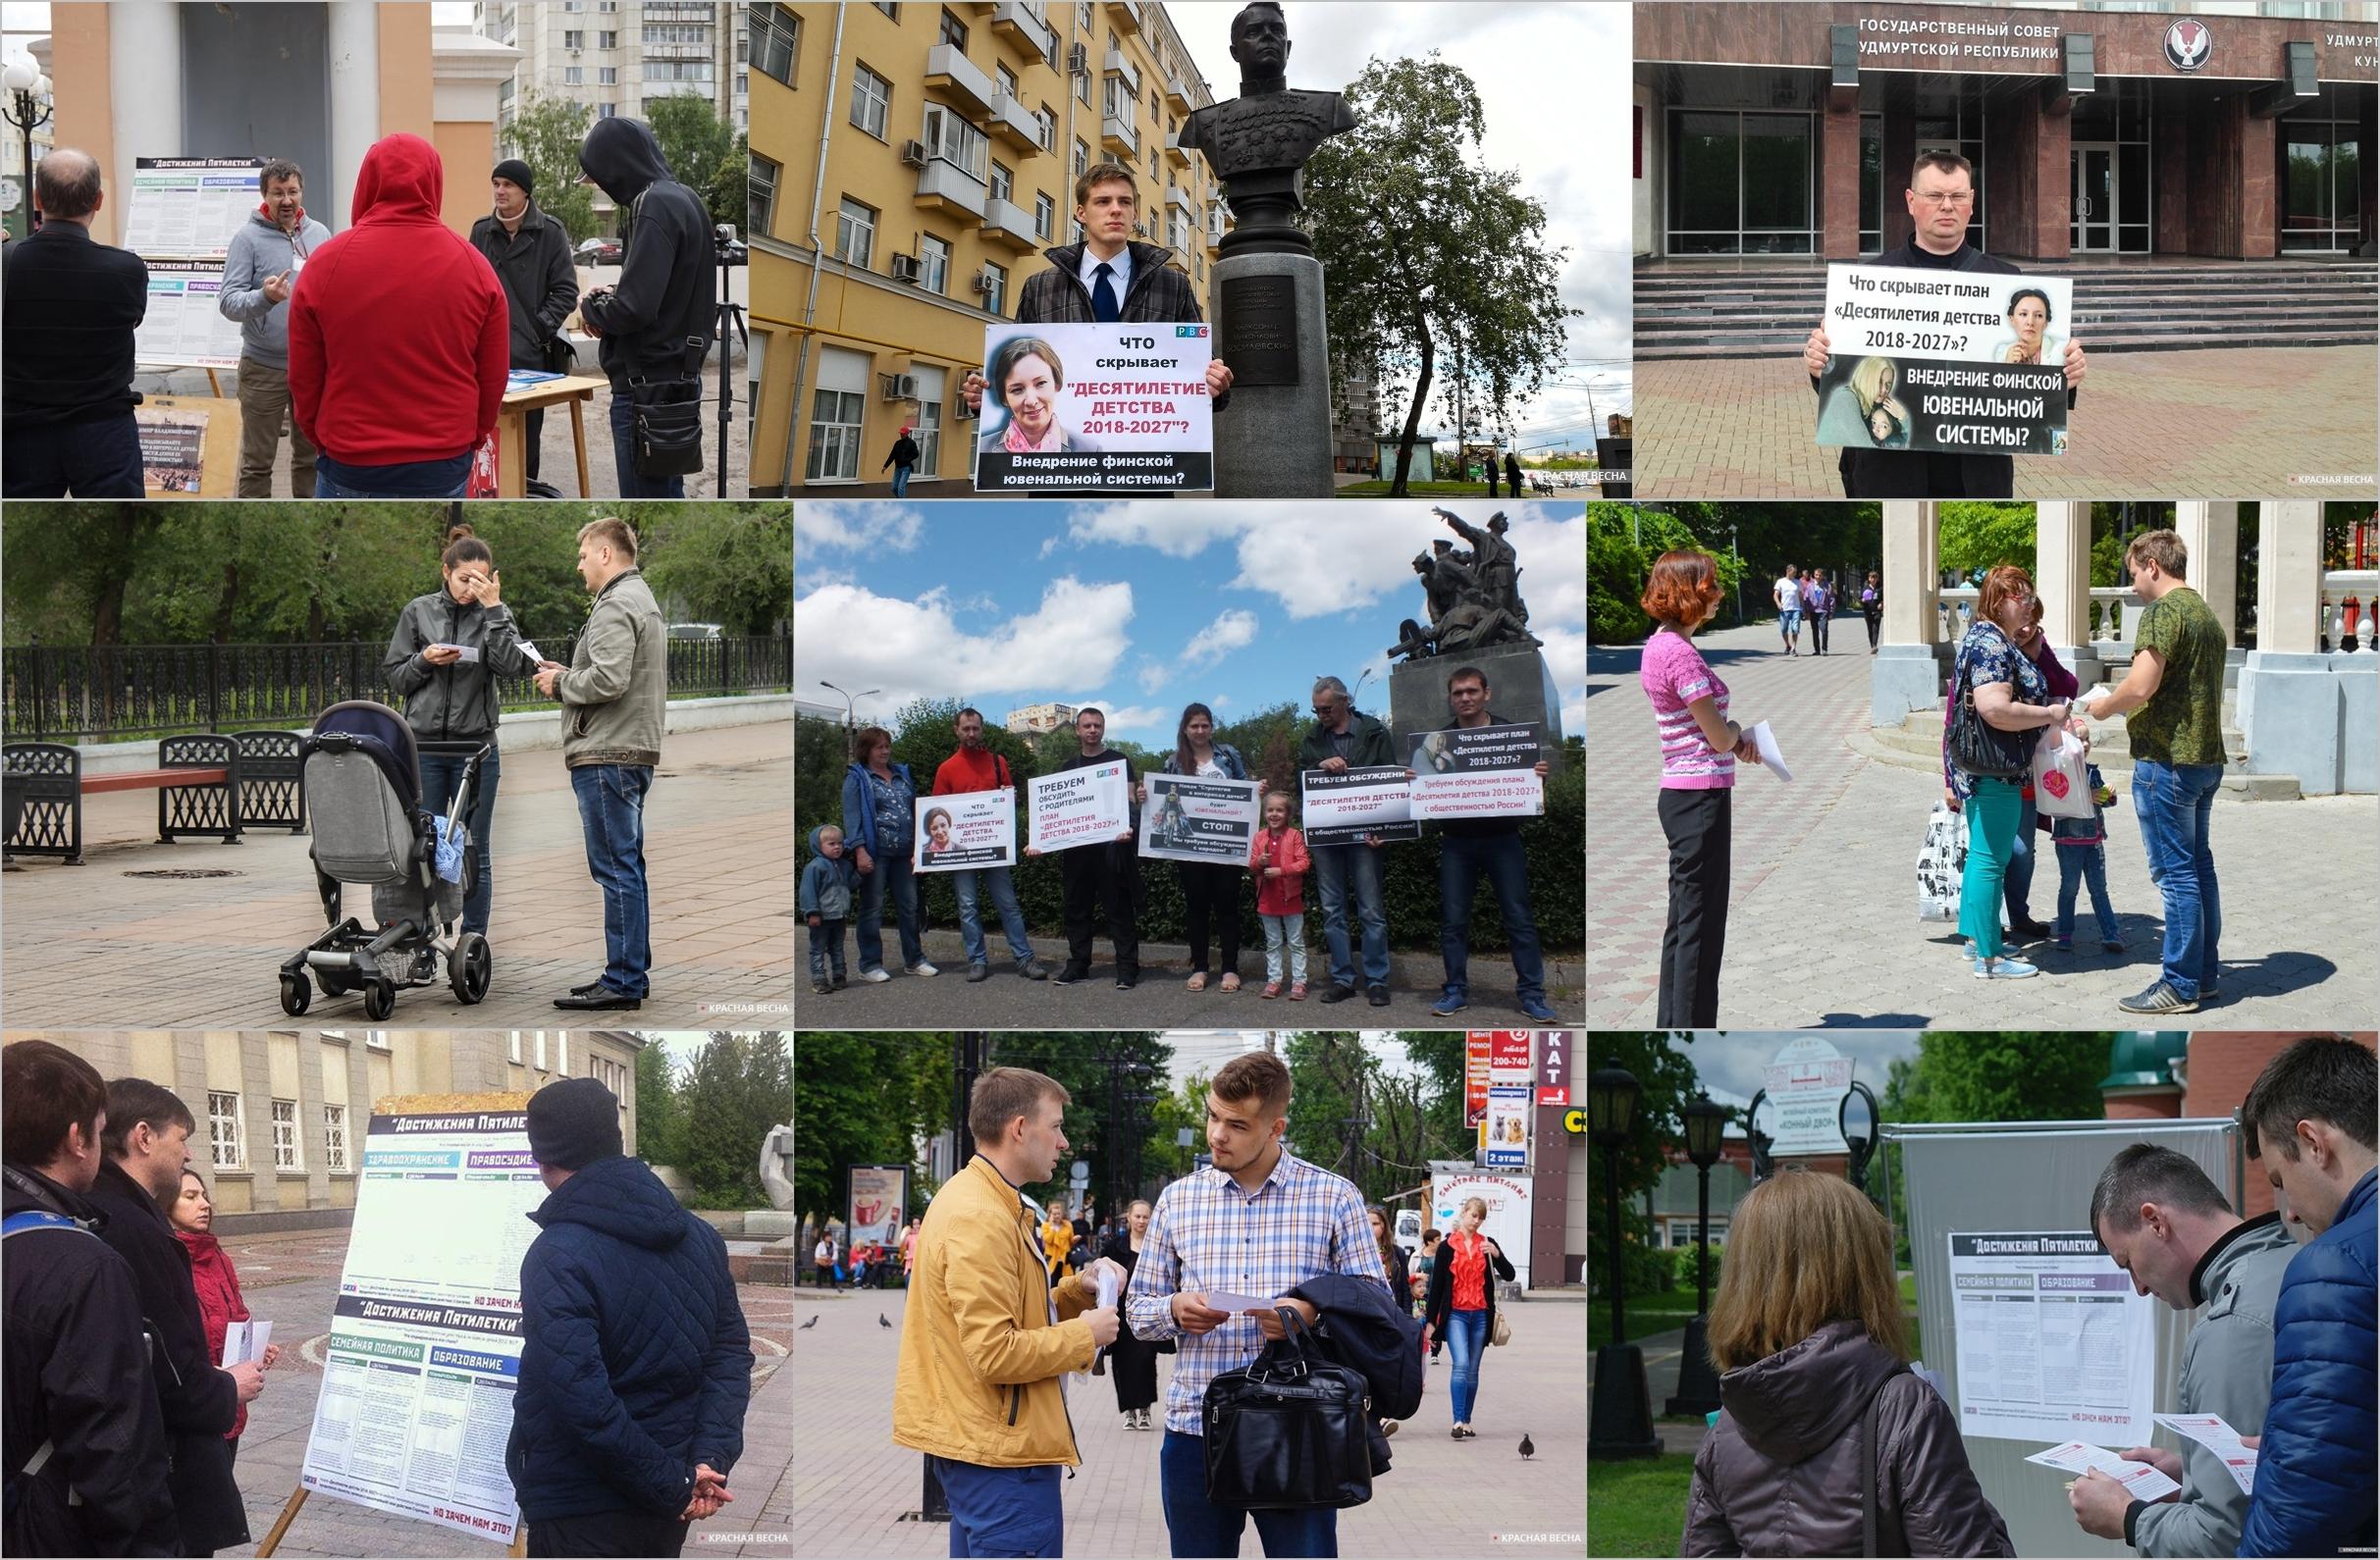 Пошла волна протестных пикетов против необсужденной Стратегии детства. pic12